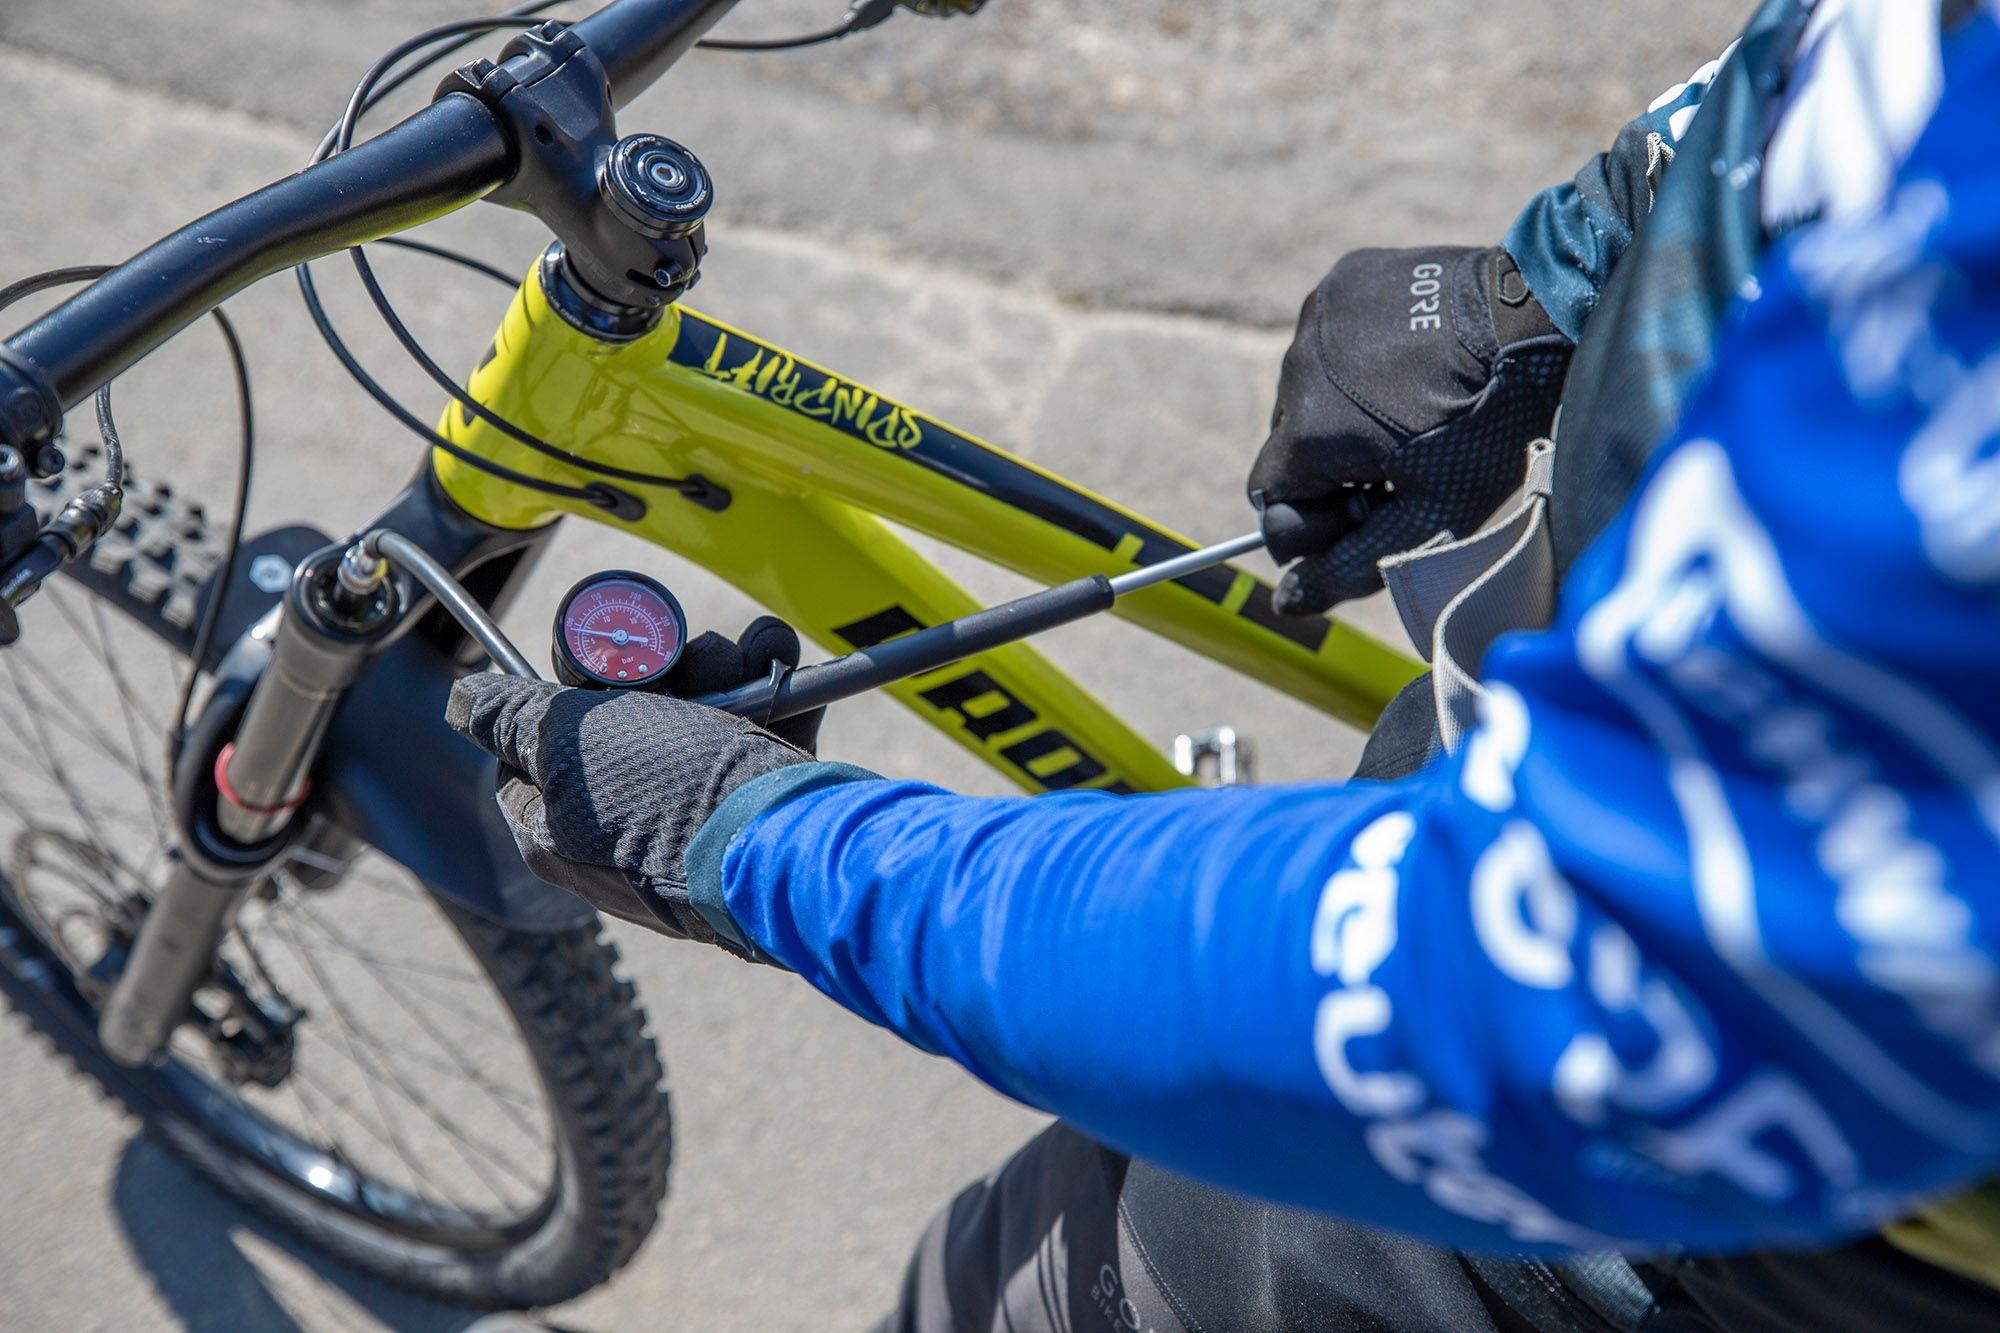 MTB Fahrtechnik Kurs Fortgeschrittene in Saarbrücken - Mountainbike Fortgeschritten - Rock my Trail Bikeschule - 11